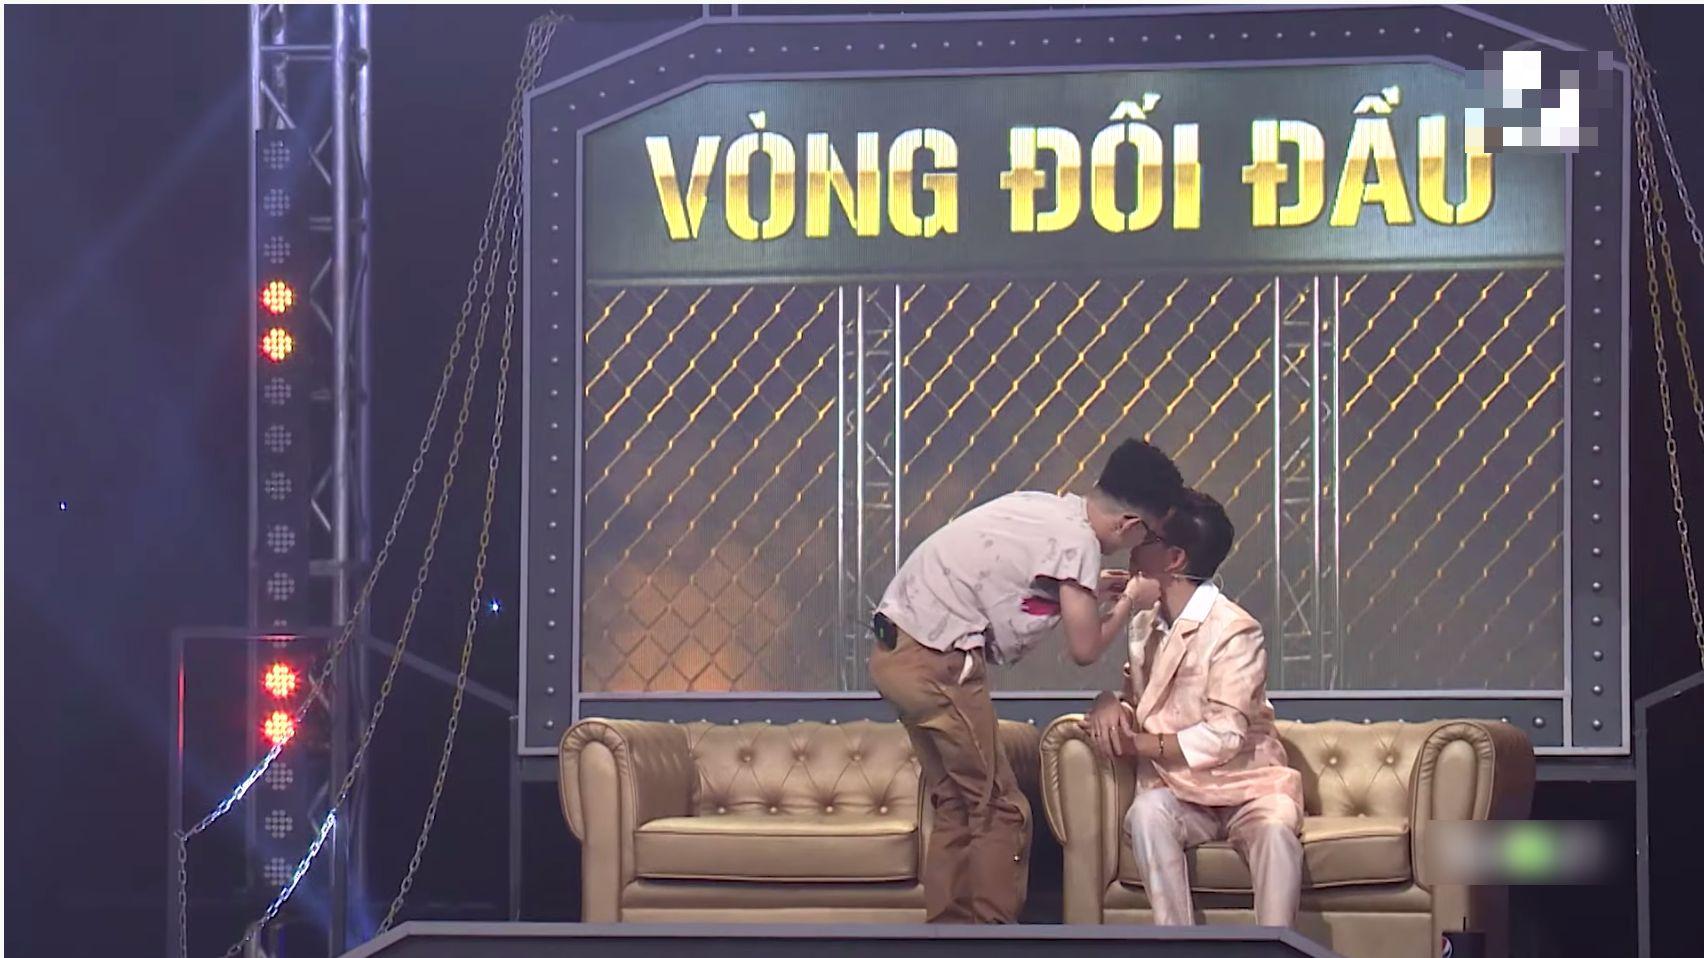 Rhymastic và Justatee cuối cùng đã 'công khai': Ai cần hết chương trình mới yêu, bây giờ đã là 'cặp đôi vàng' rồi! 2